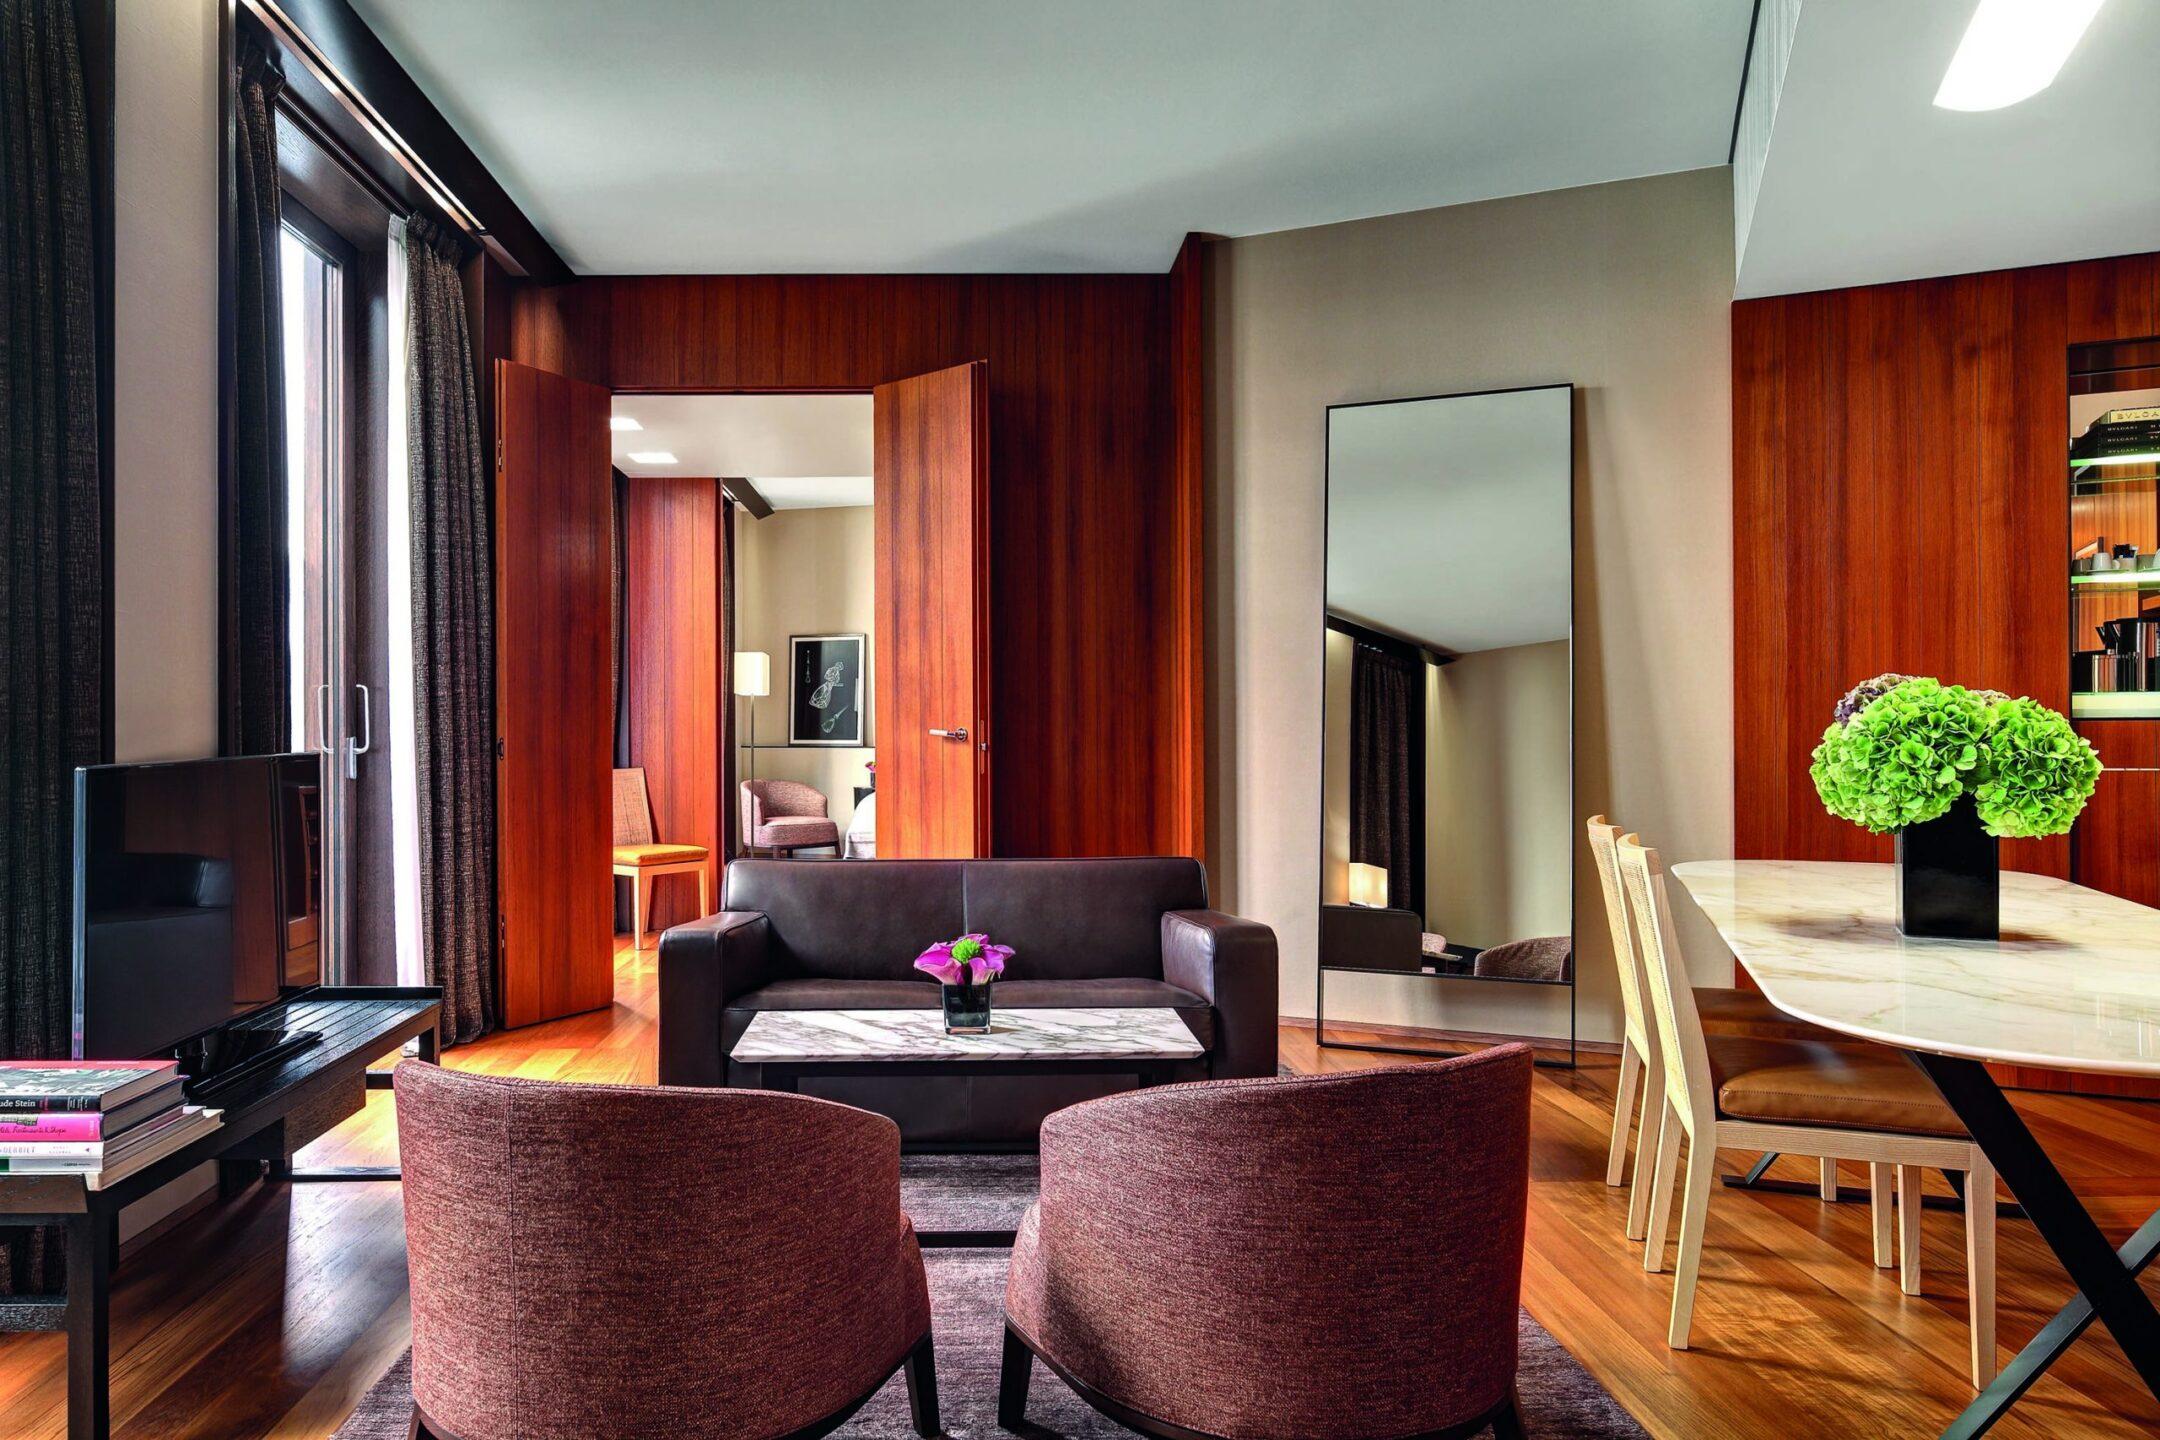 Migliori hotel italiani: Bulgari Hotel tra le 100 Eccellenze Italiane per Forbes